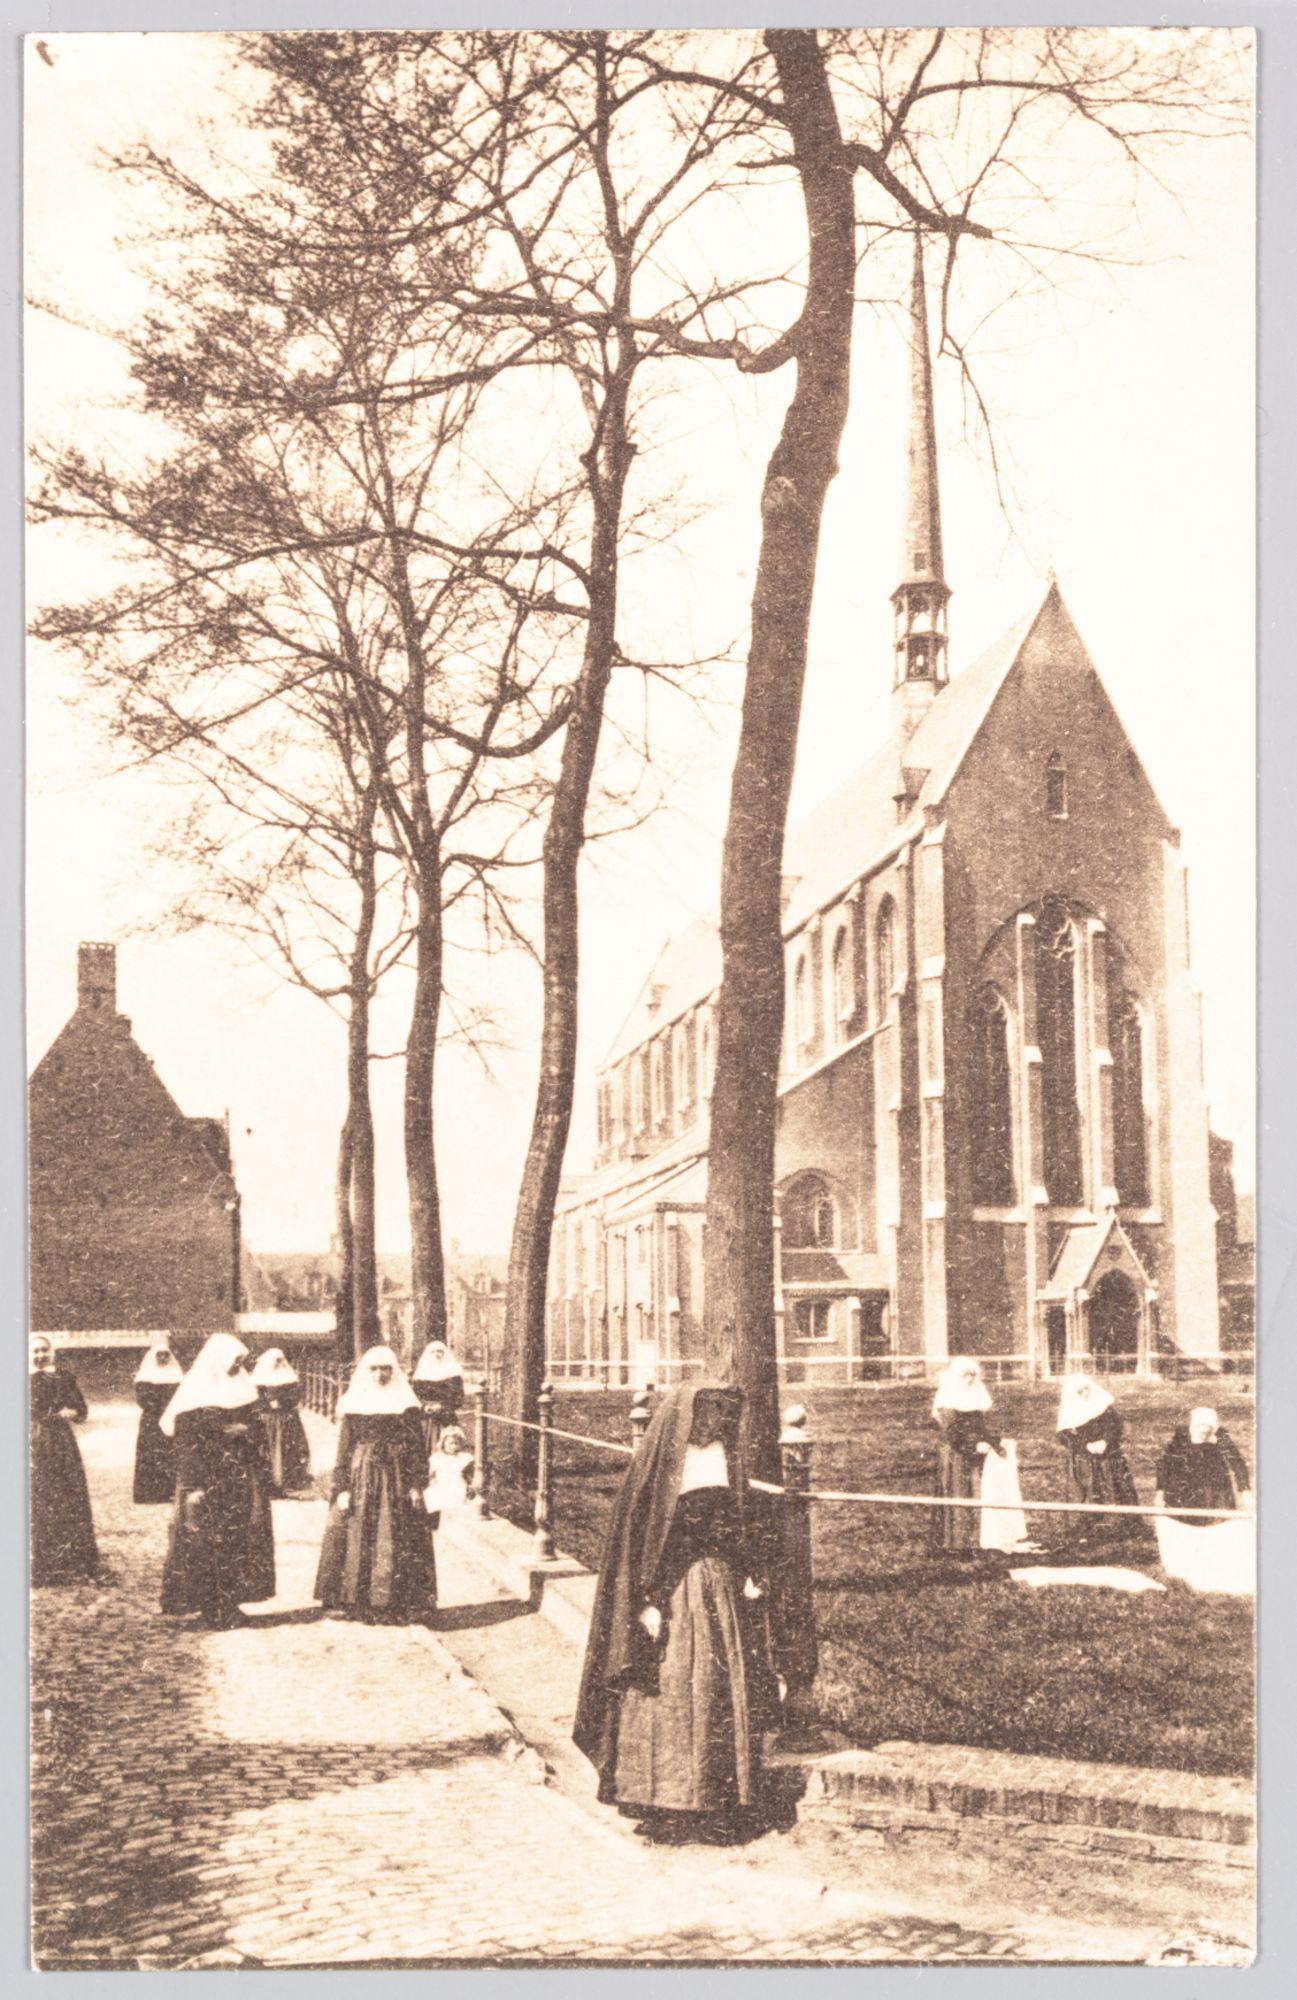 Sint-Amandsberg: Groot Begijnhof: binnenplein (Sint-Beggaplein) en kerk, begijnen op wandel en aan het werk (bleken van linnen)